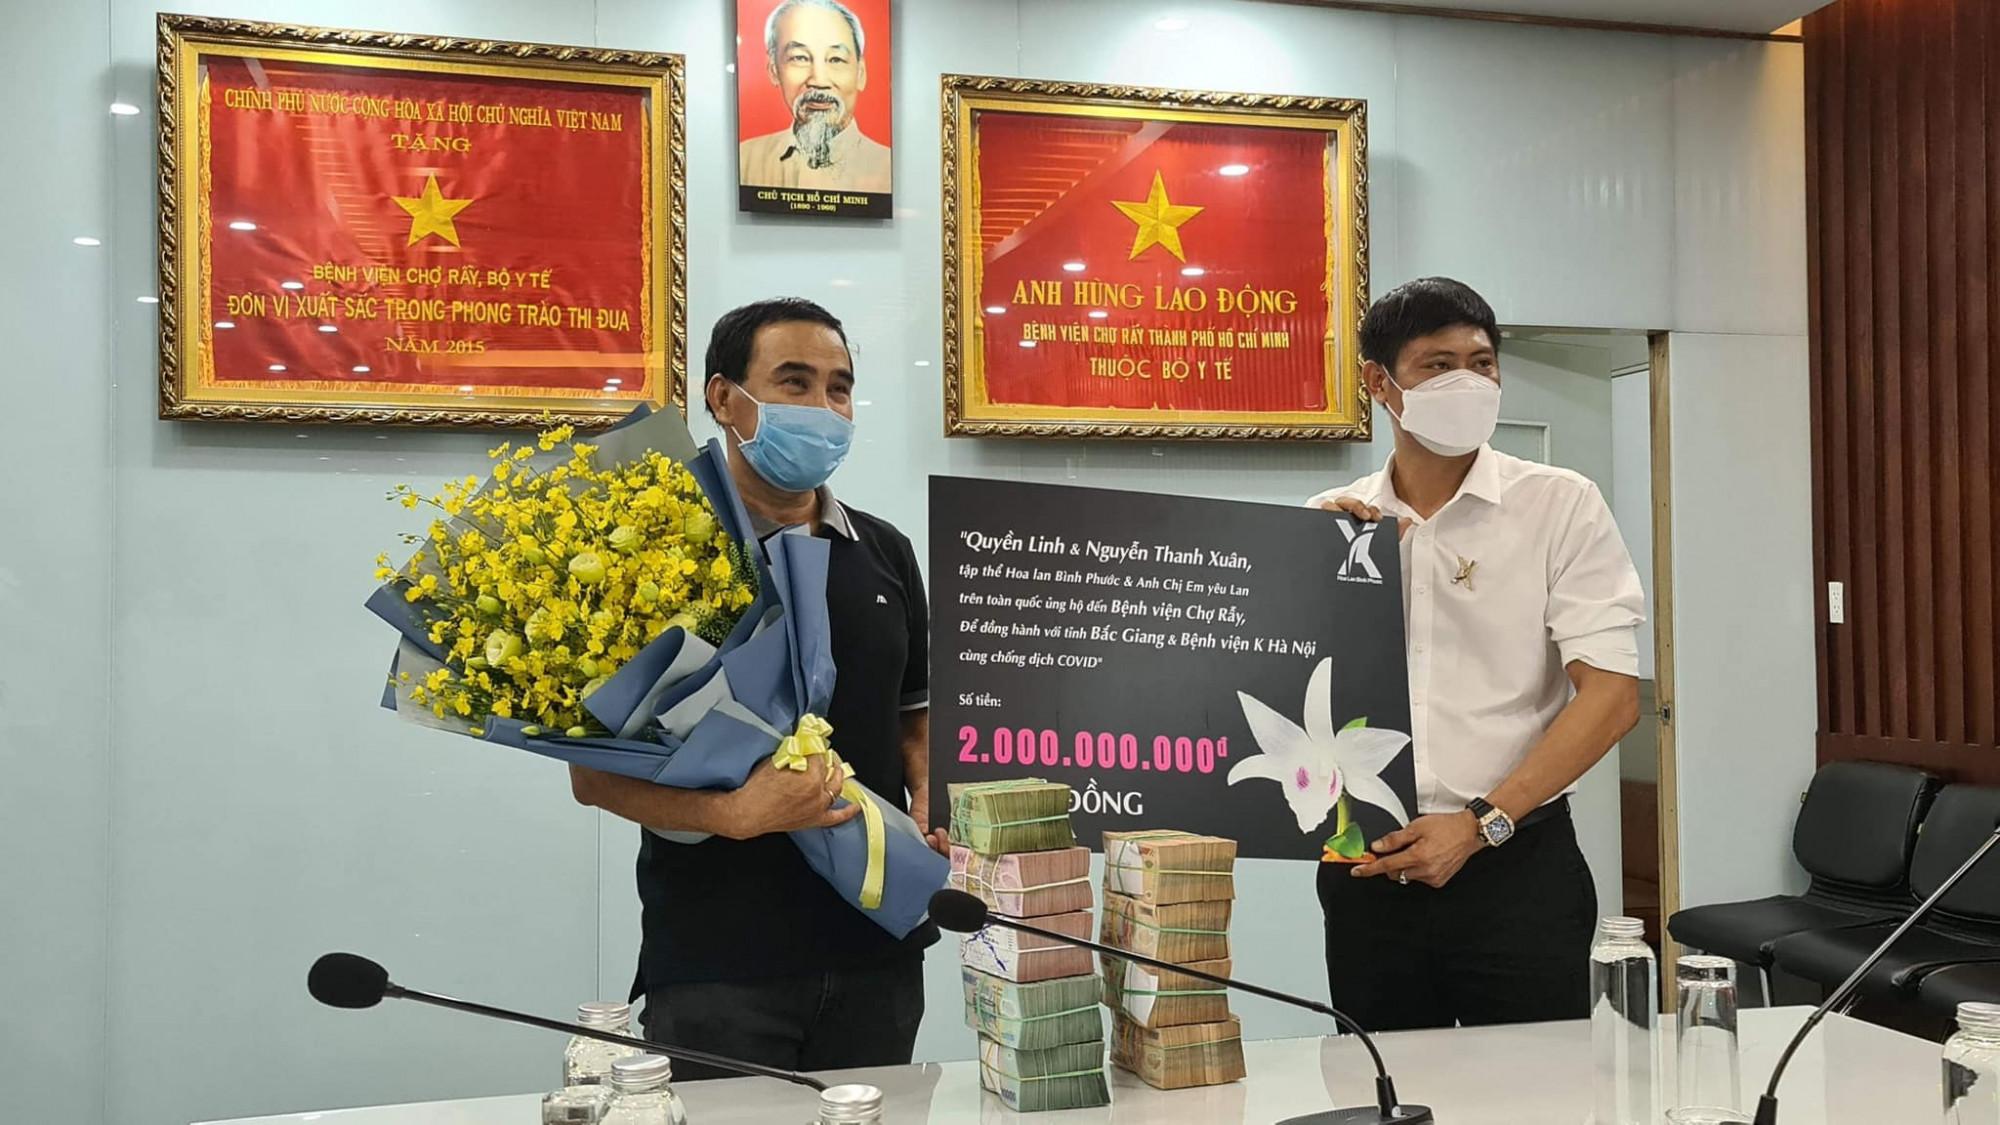 MC Quyền Linh đại diện trao số tiền 2 tỷ đồng cho Bệnh viện Chợ Rẫy.